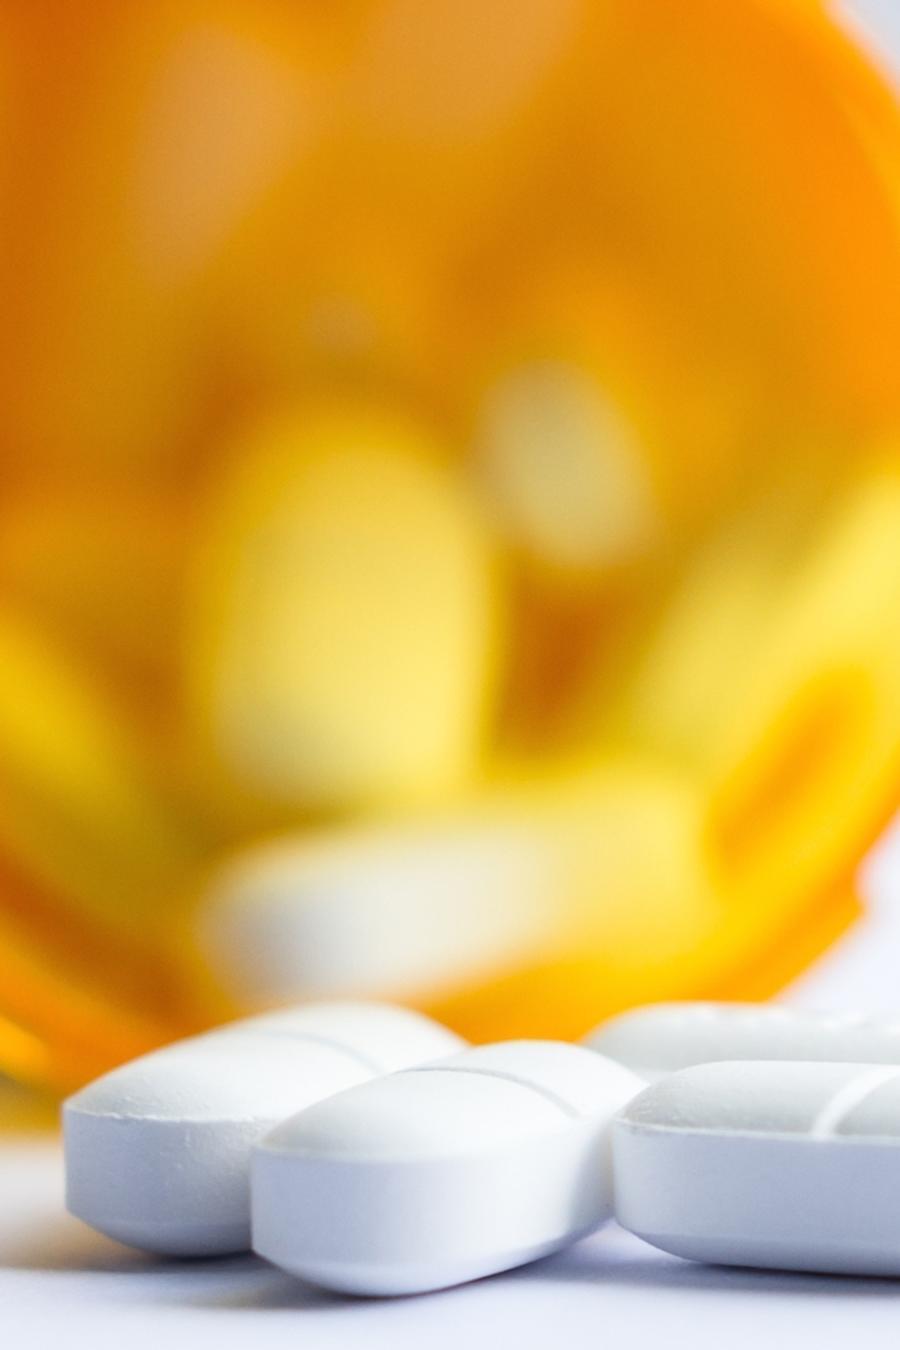 Frasco con píldoras blancas